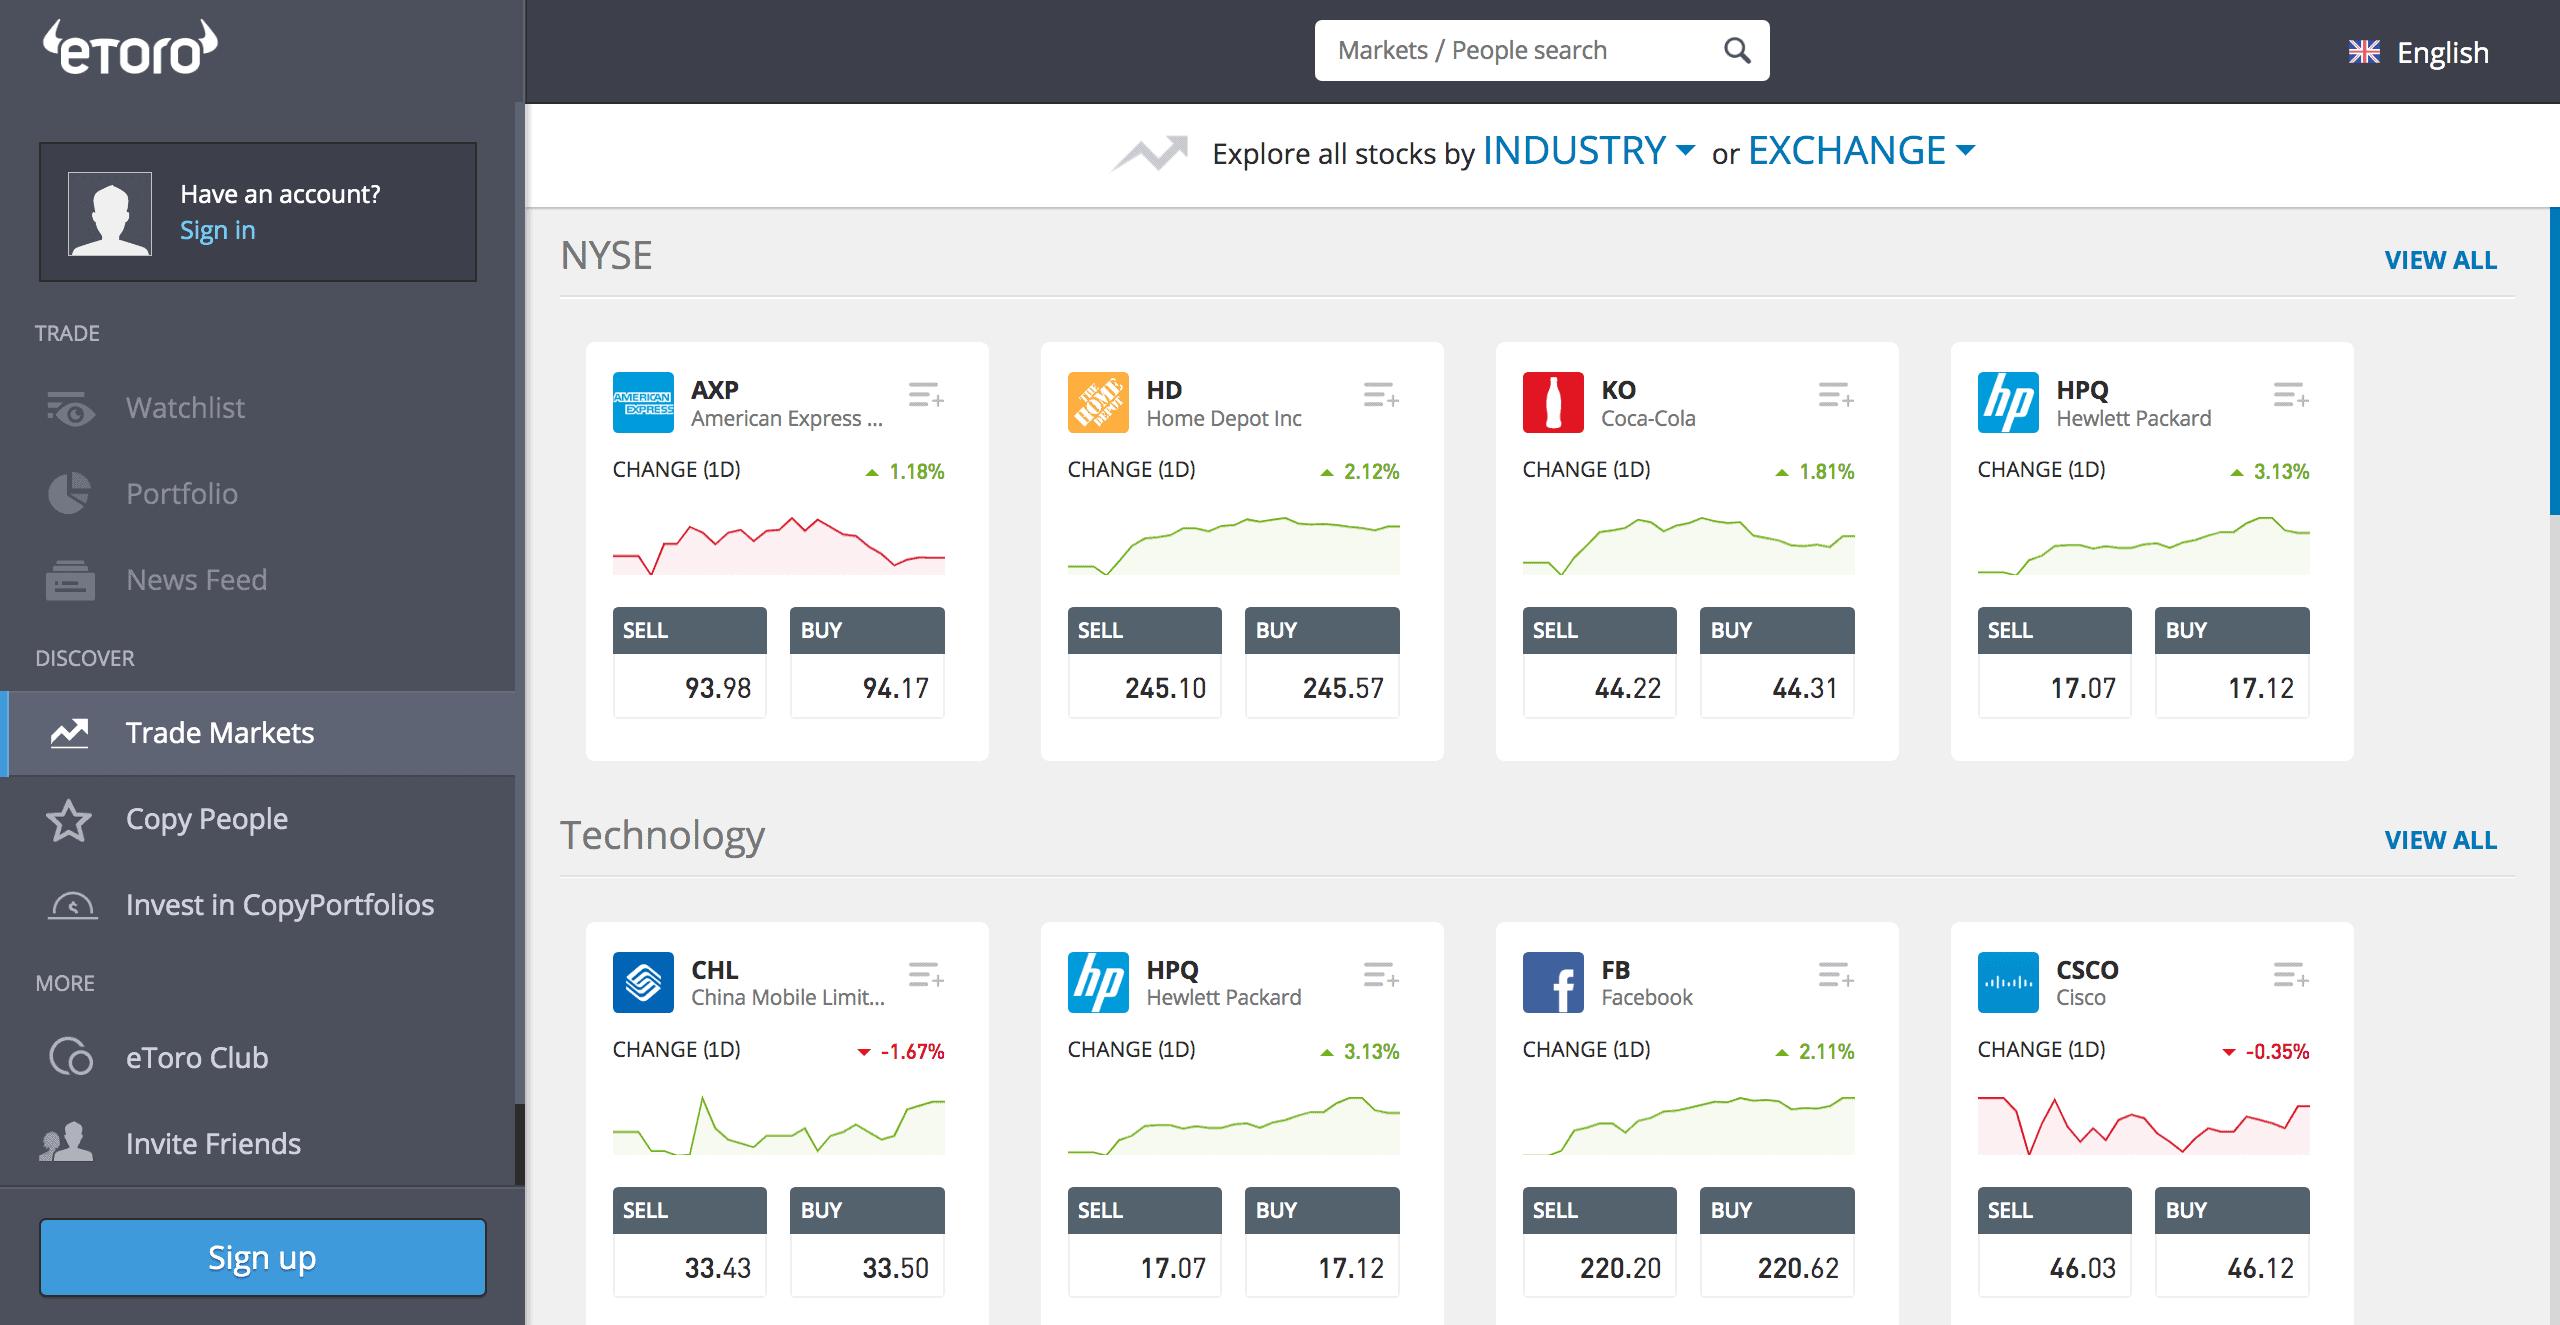 eToro's stock trading dashboard